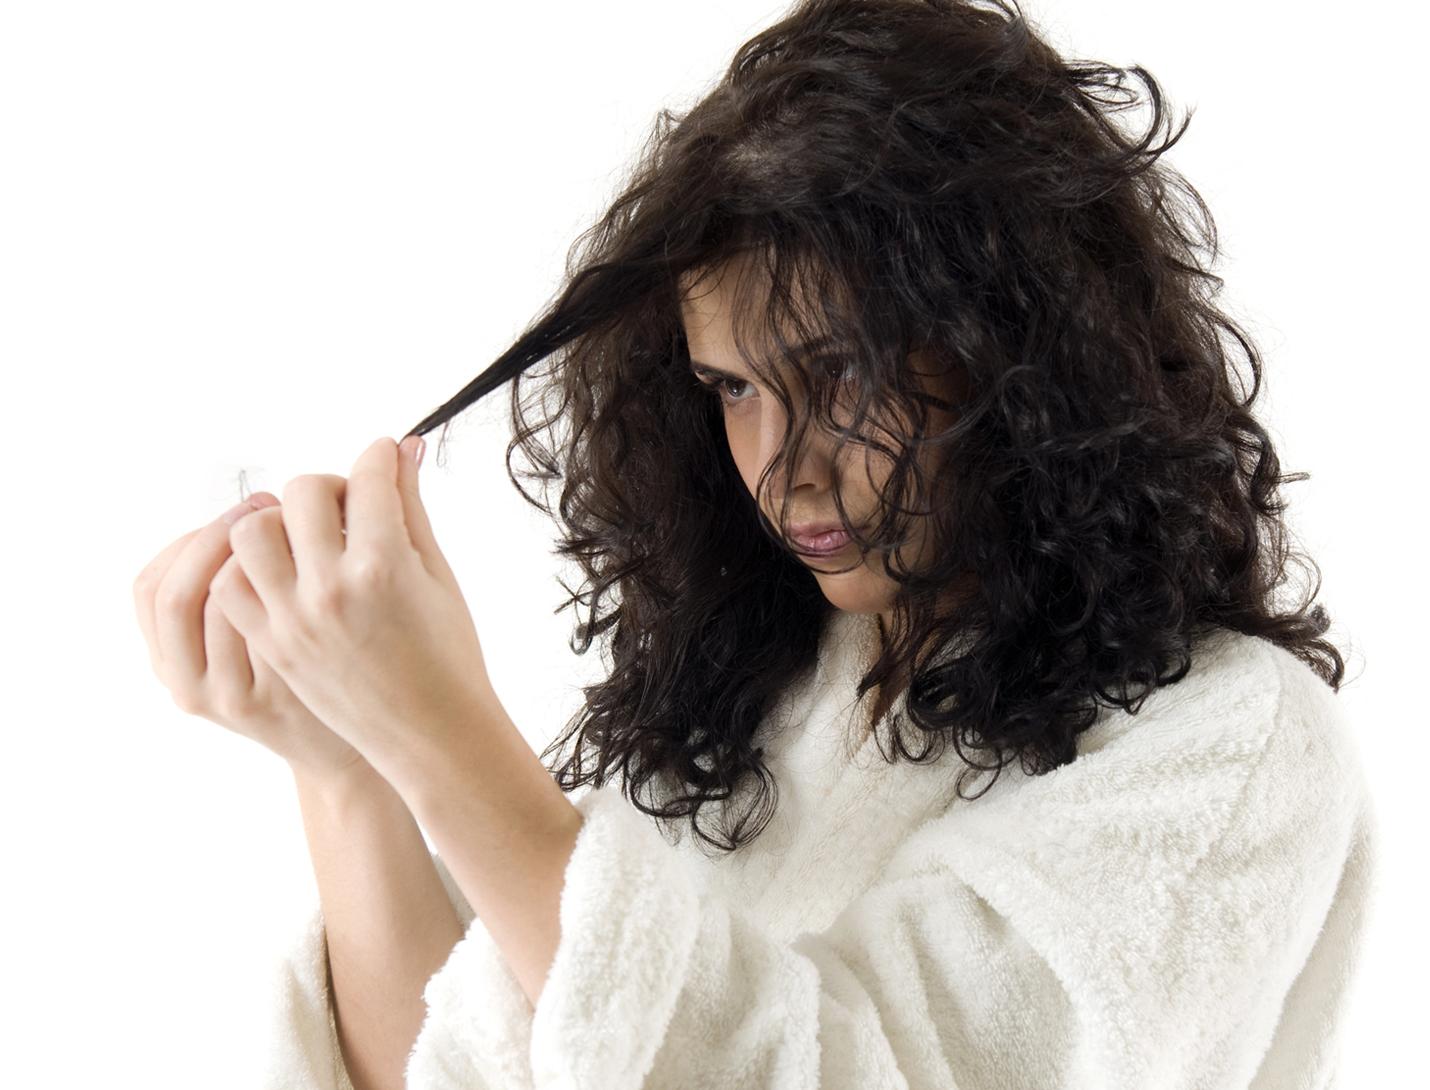 hair loss - dark haired woman